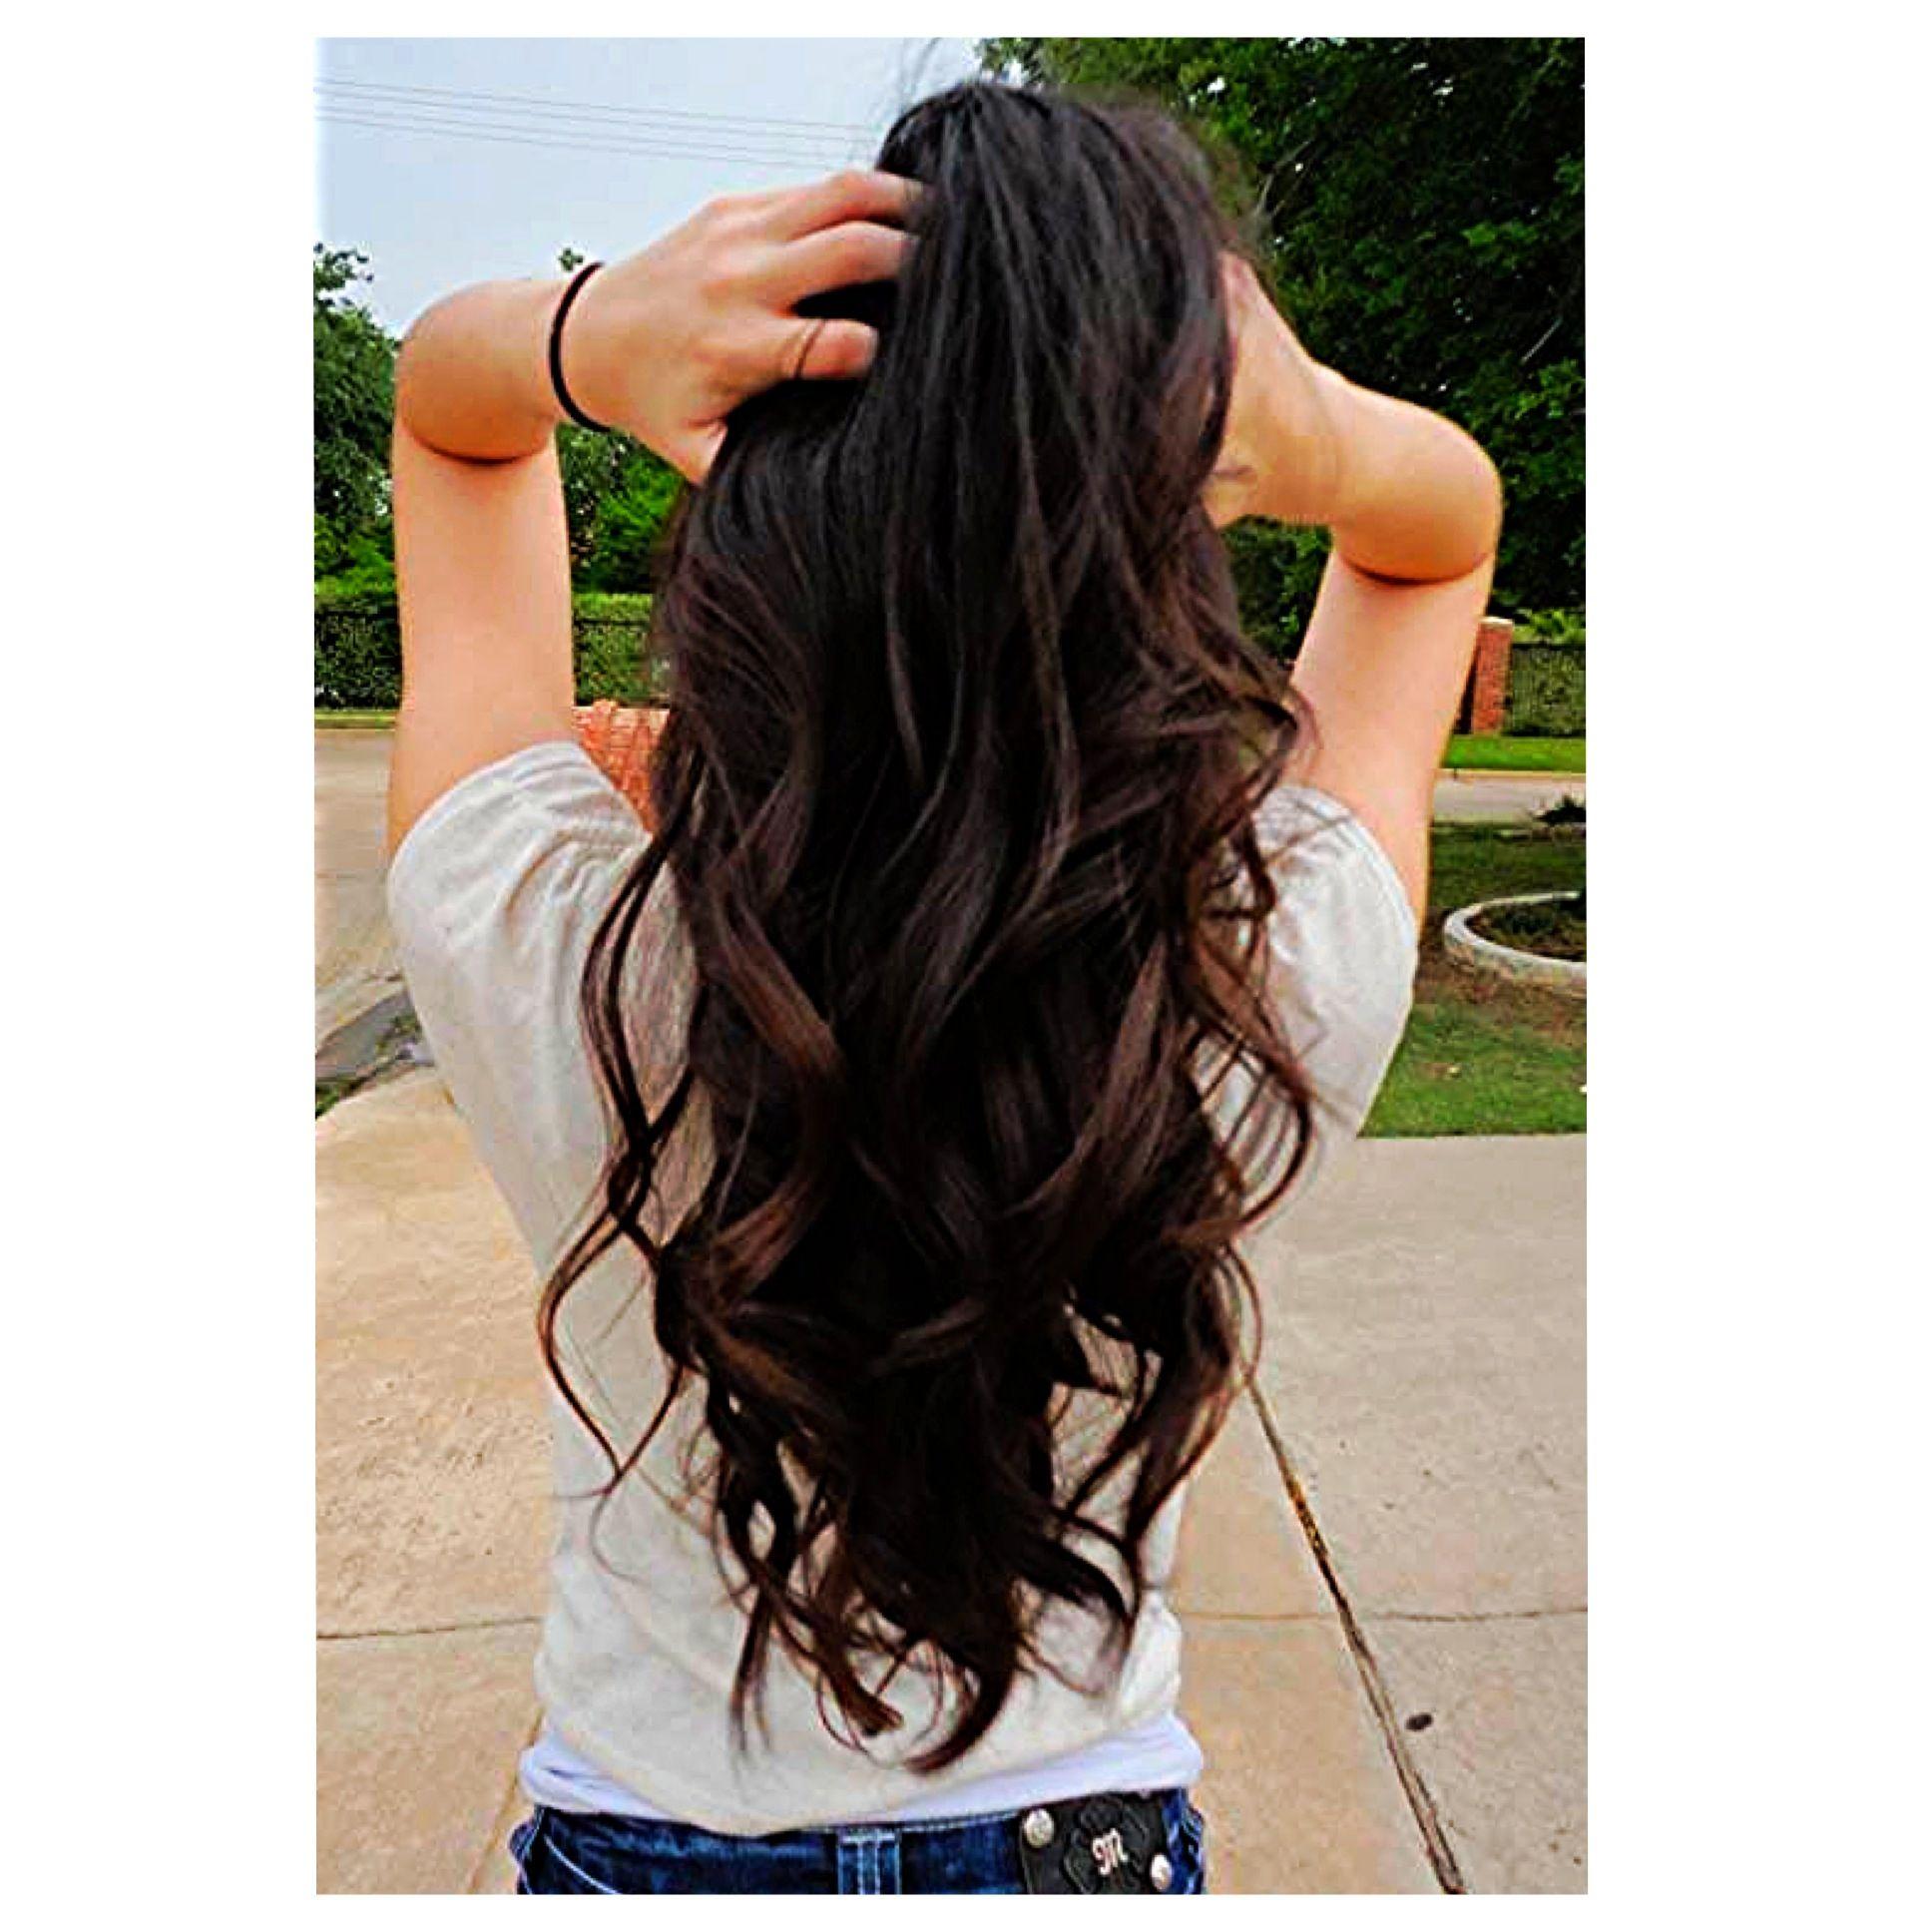 Tumblr girl | curly hair | style